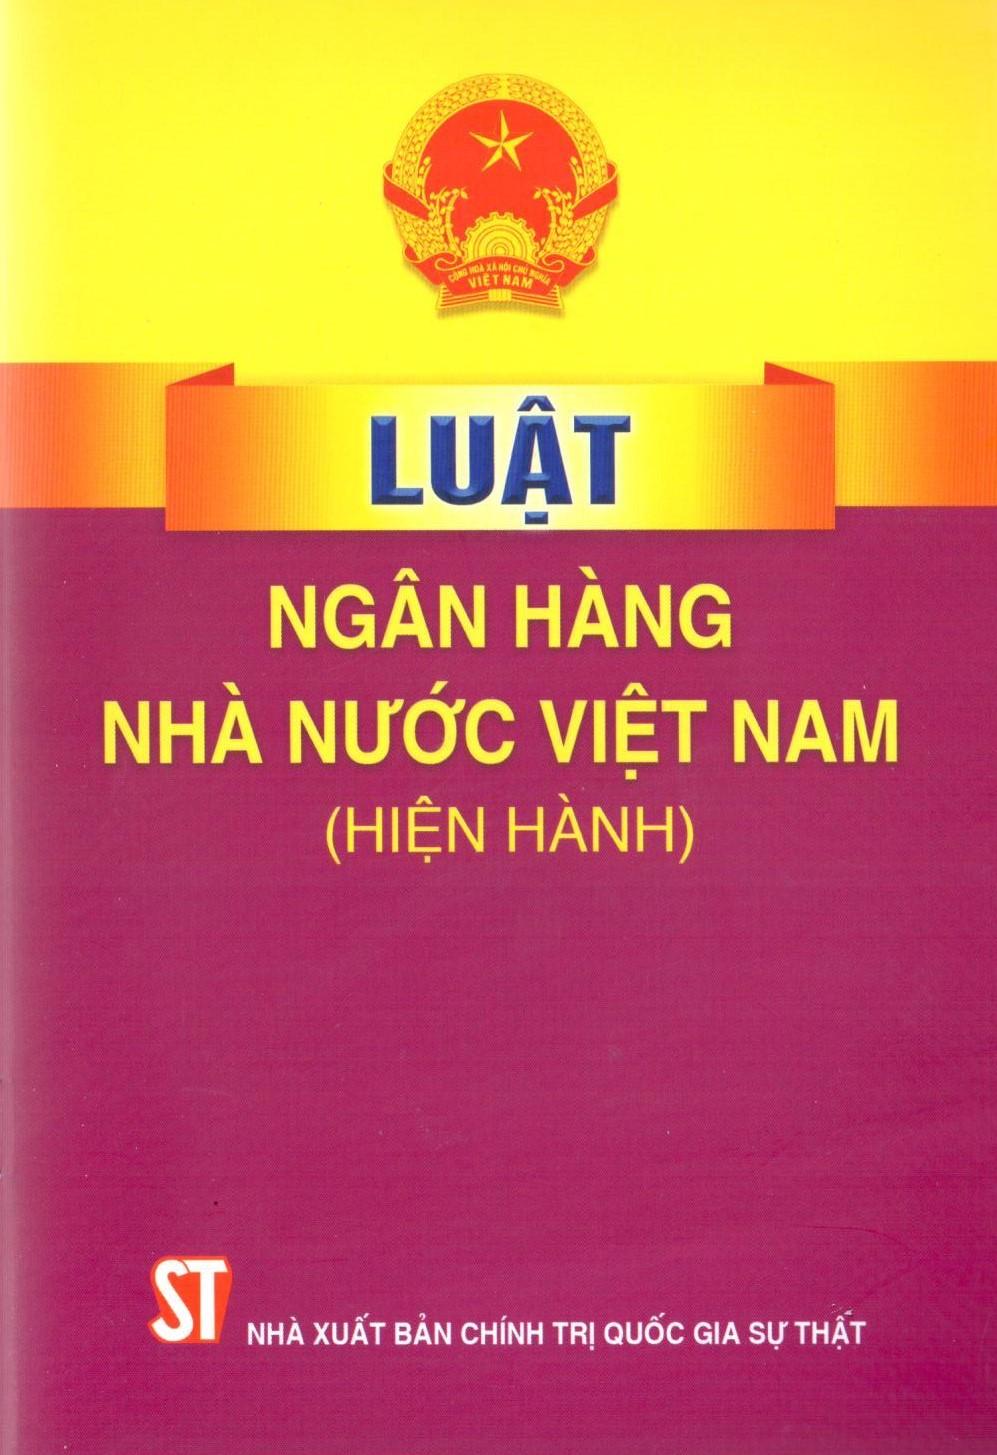 Luật Ngân hàng Nhà nước Việt Nam (hiện hành)